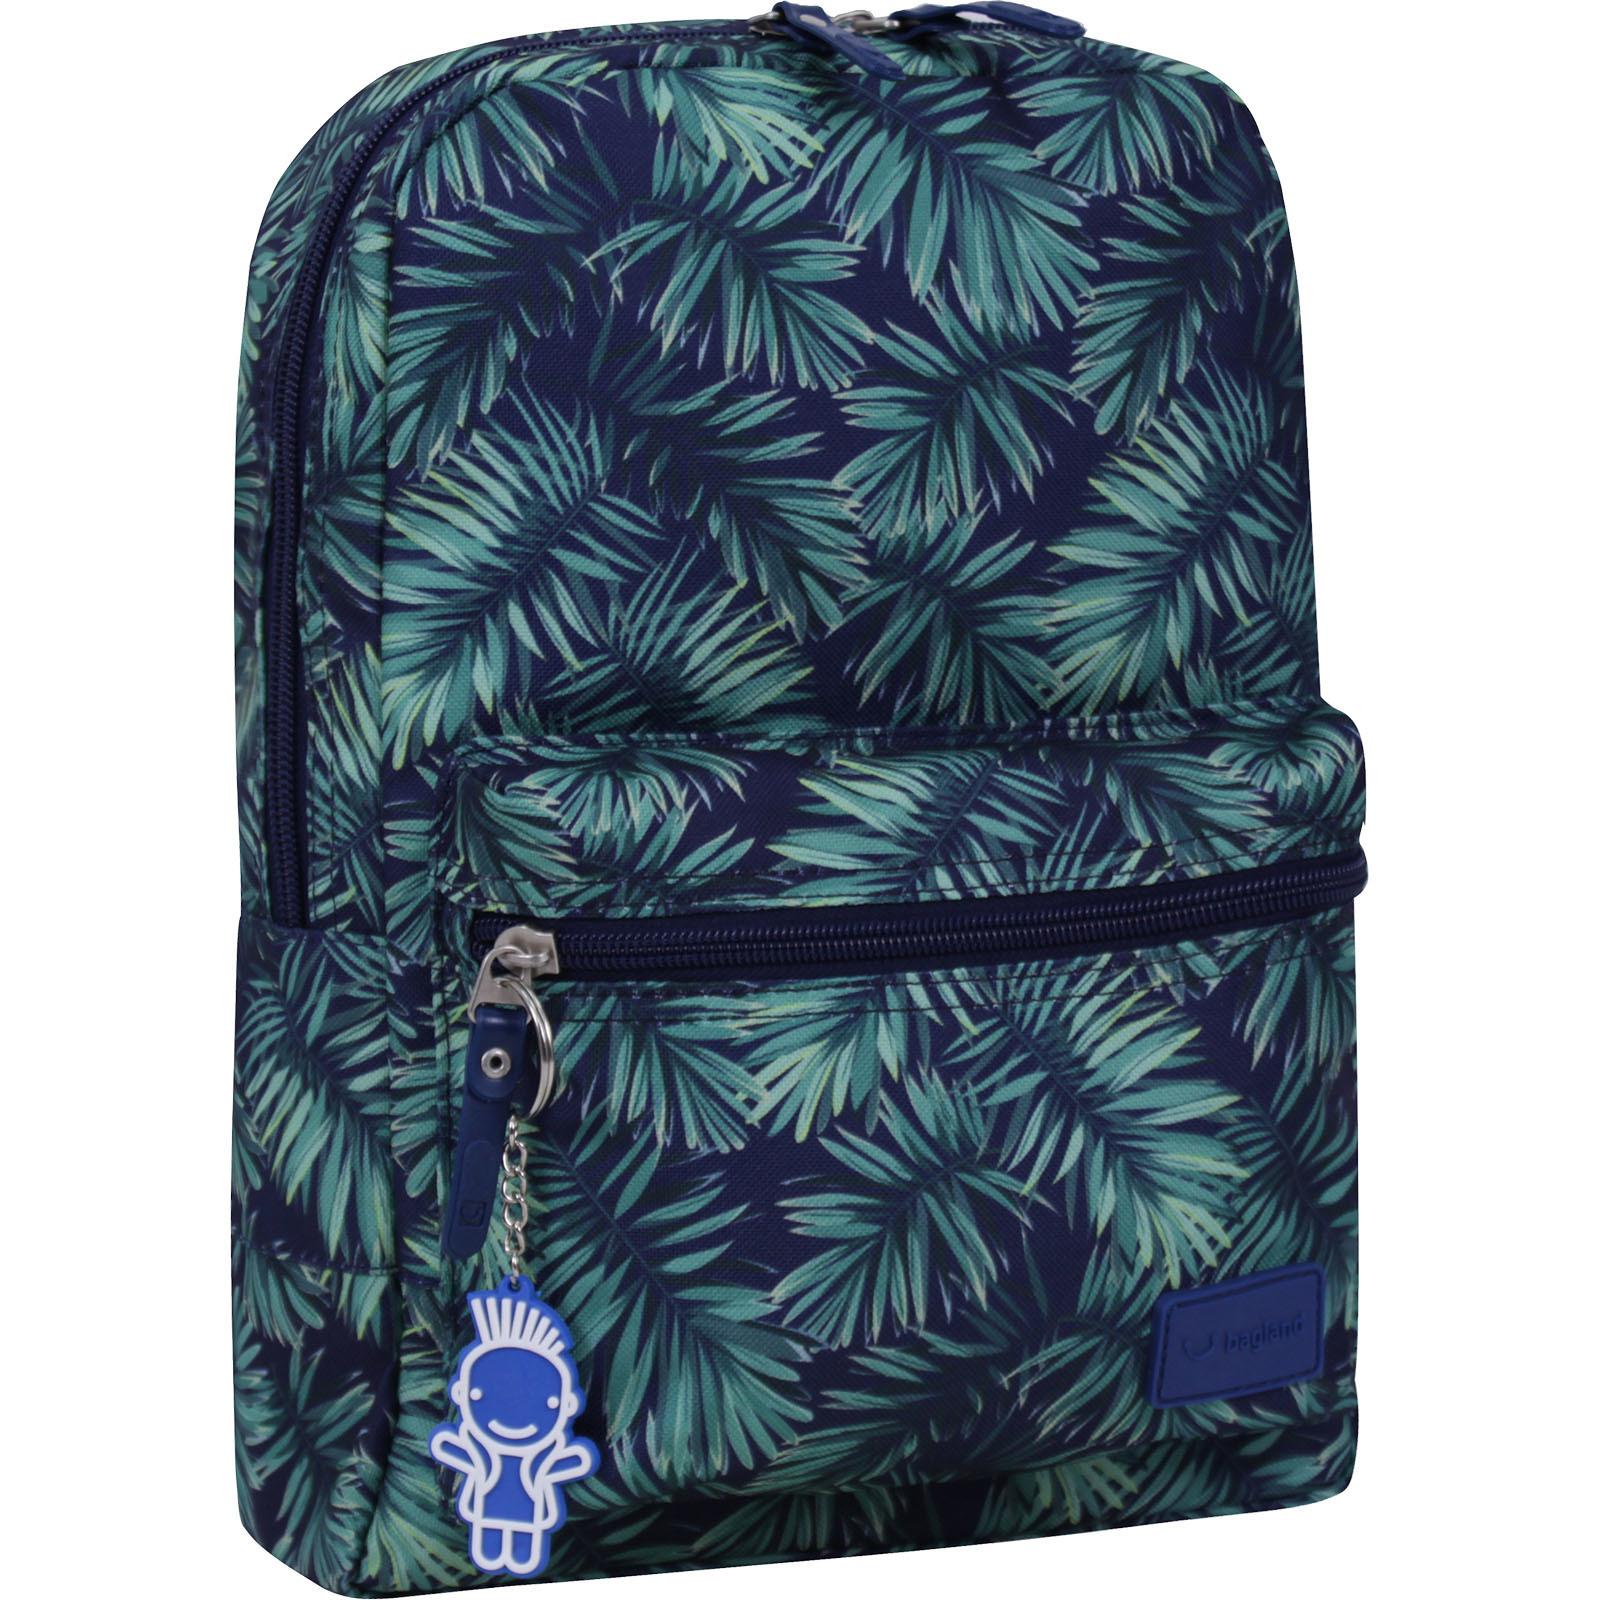 Молодежные рюкзаки Рюкзак Bagland Молодежный mini 8 л. сублімація 456 (00508664) IMG_8214суб456-1600.jpg